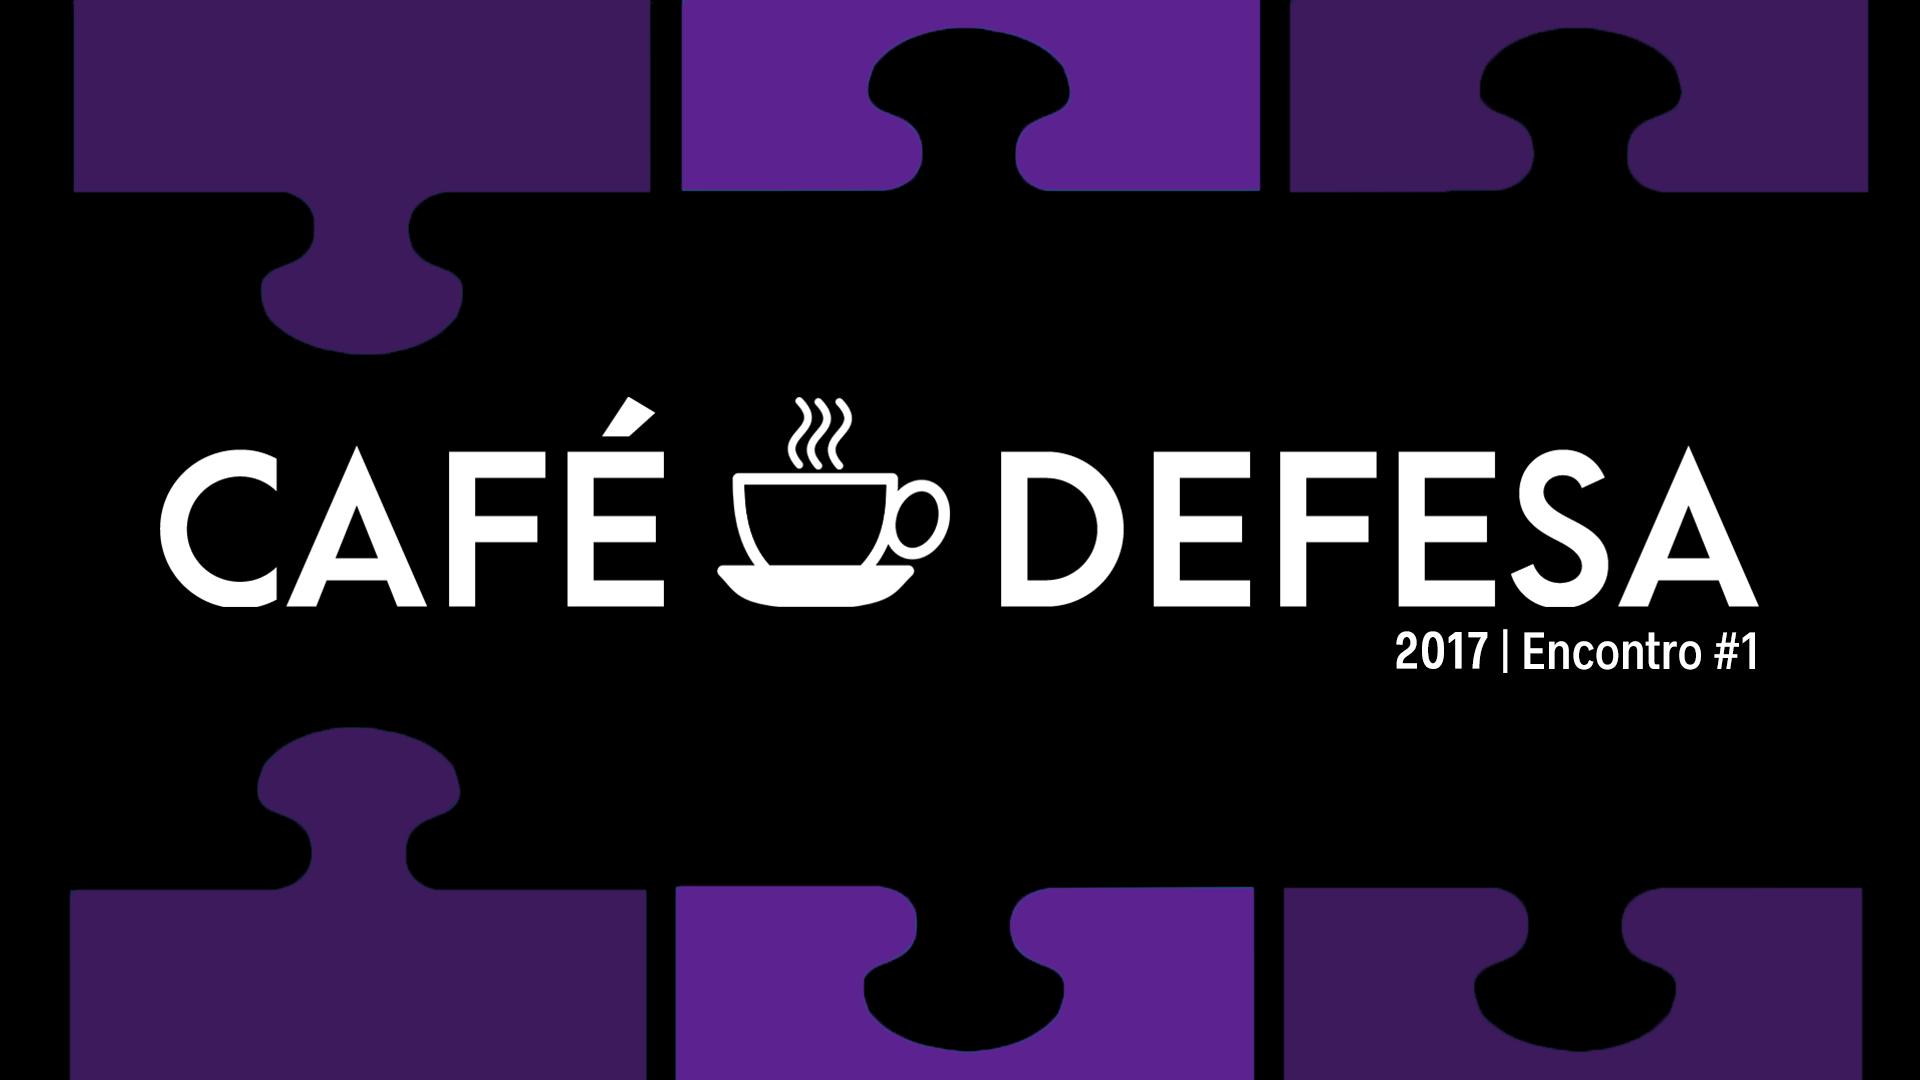 GECAP 2017 Café Defesa Arte Evento Facebook